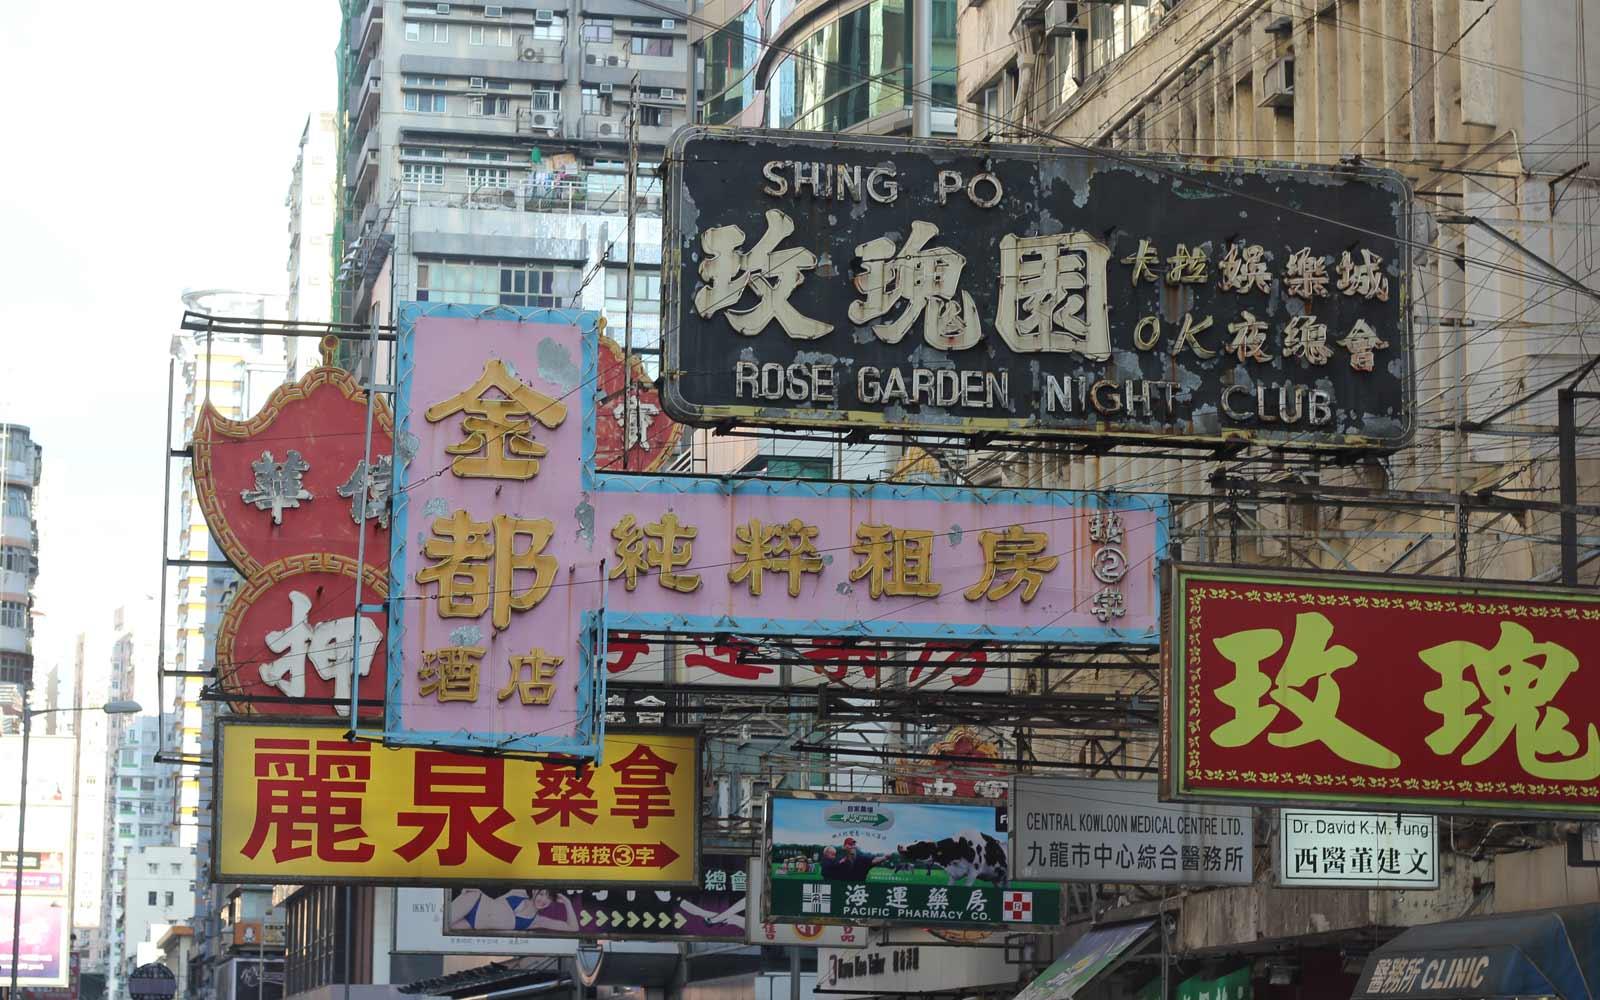 Reklametafeln mit chinesischen Schriftzeichen